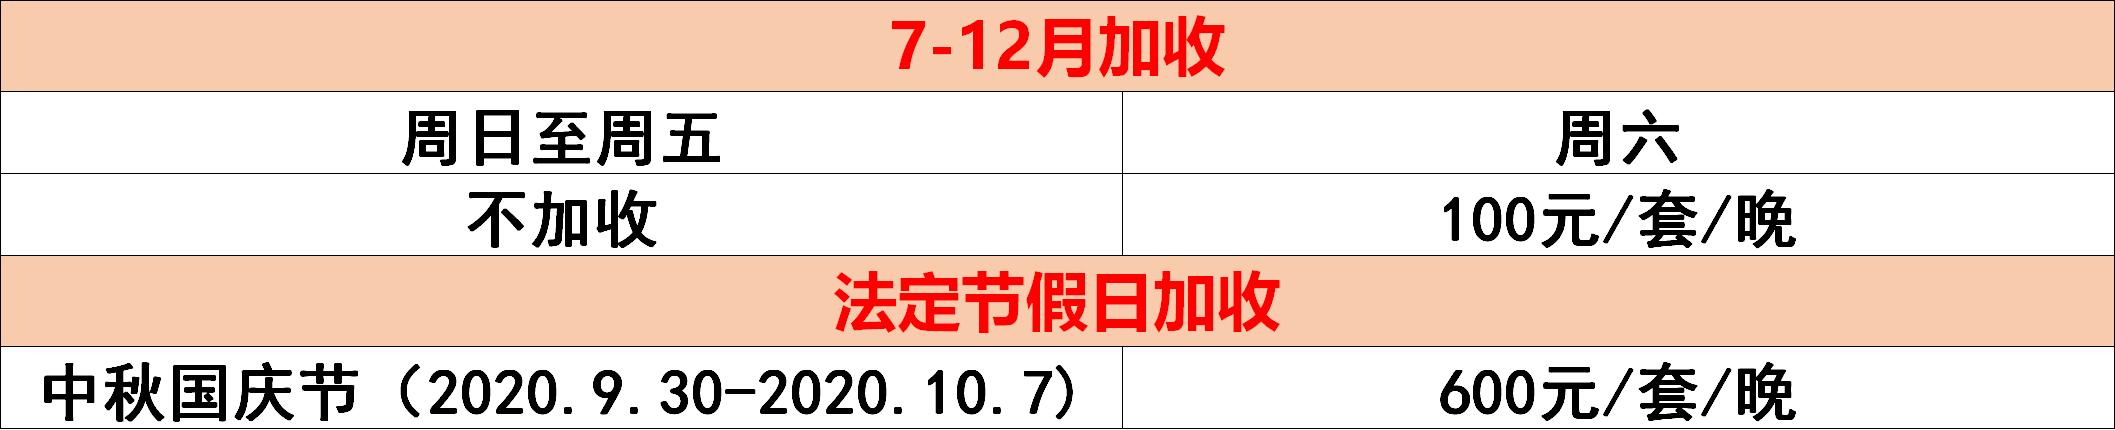 【惠州】399抢原价899元南昆山雪谷三房一厅温泉套票,含3张温泉票+山顶公园+万洞古村!